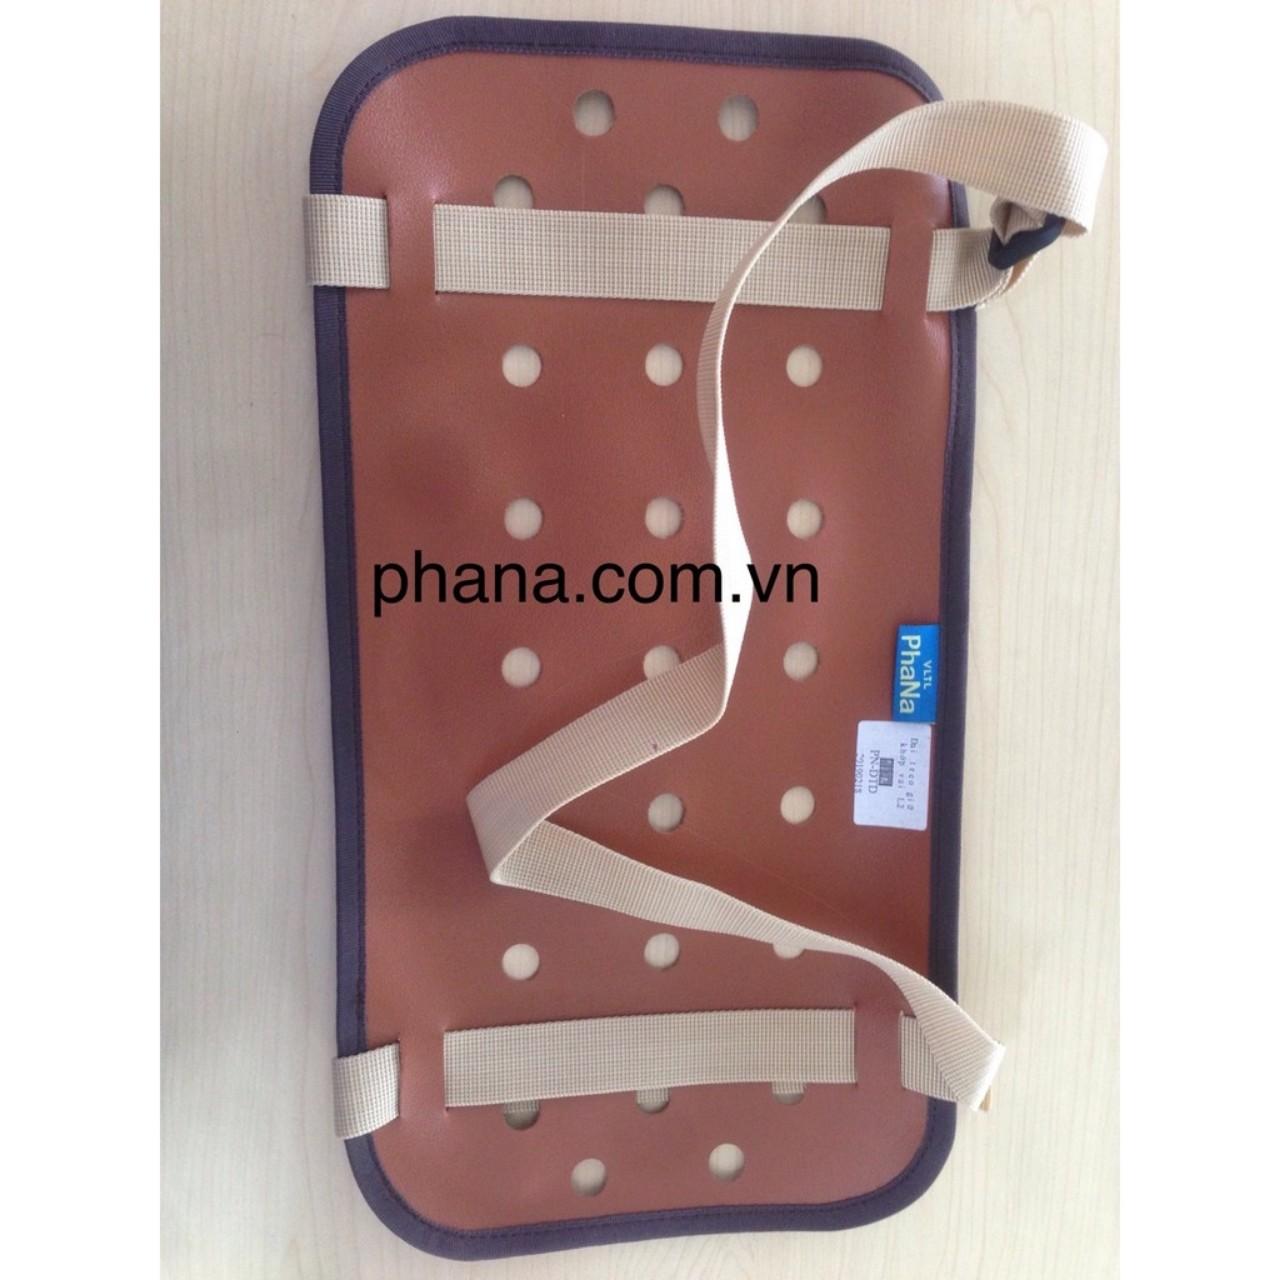 PN-DTD -Đai treo giữ khớp vai L2 - PHCN